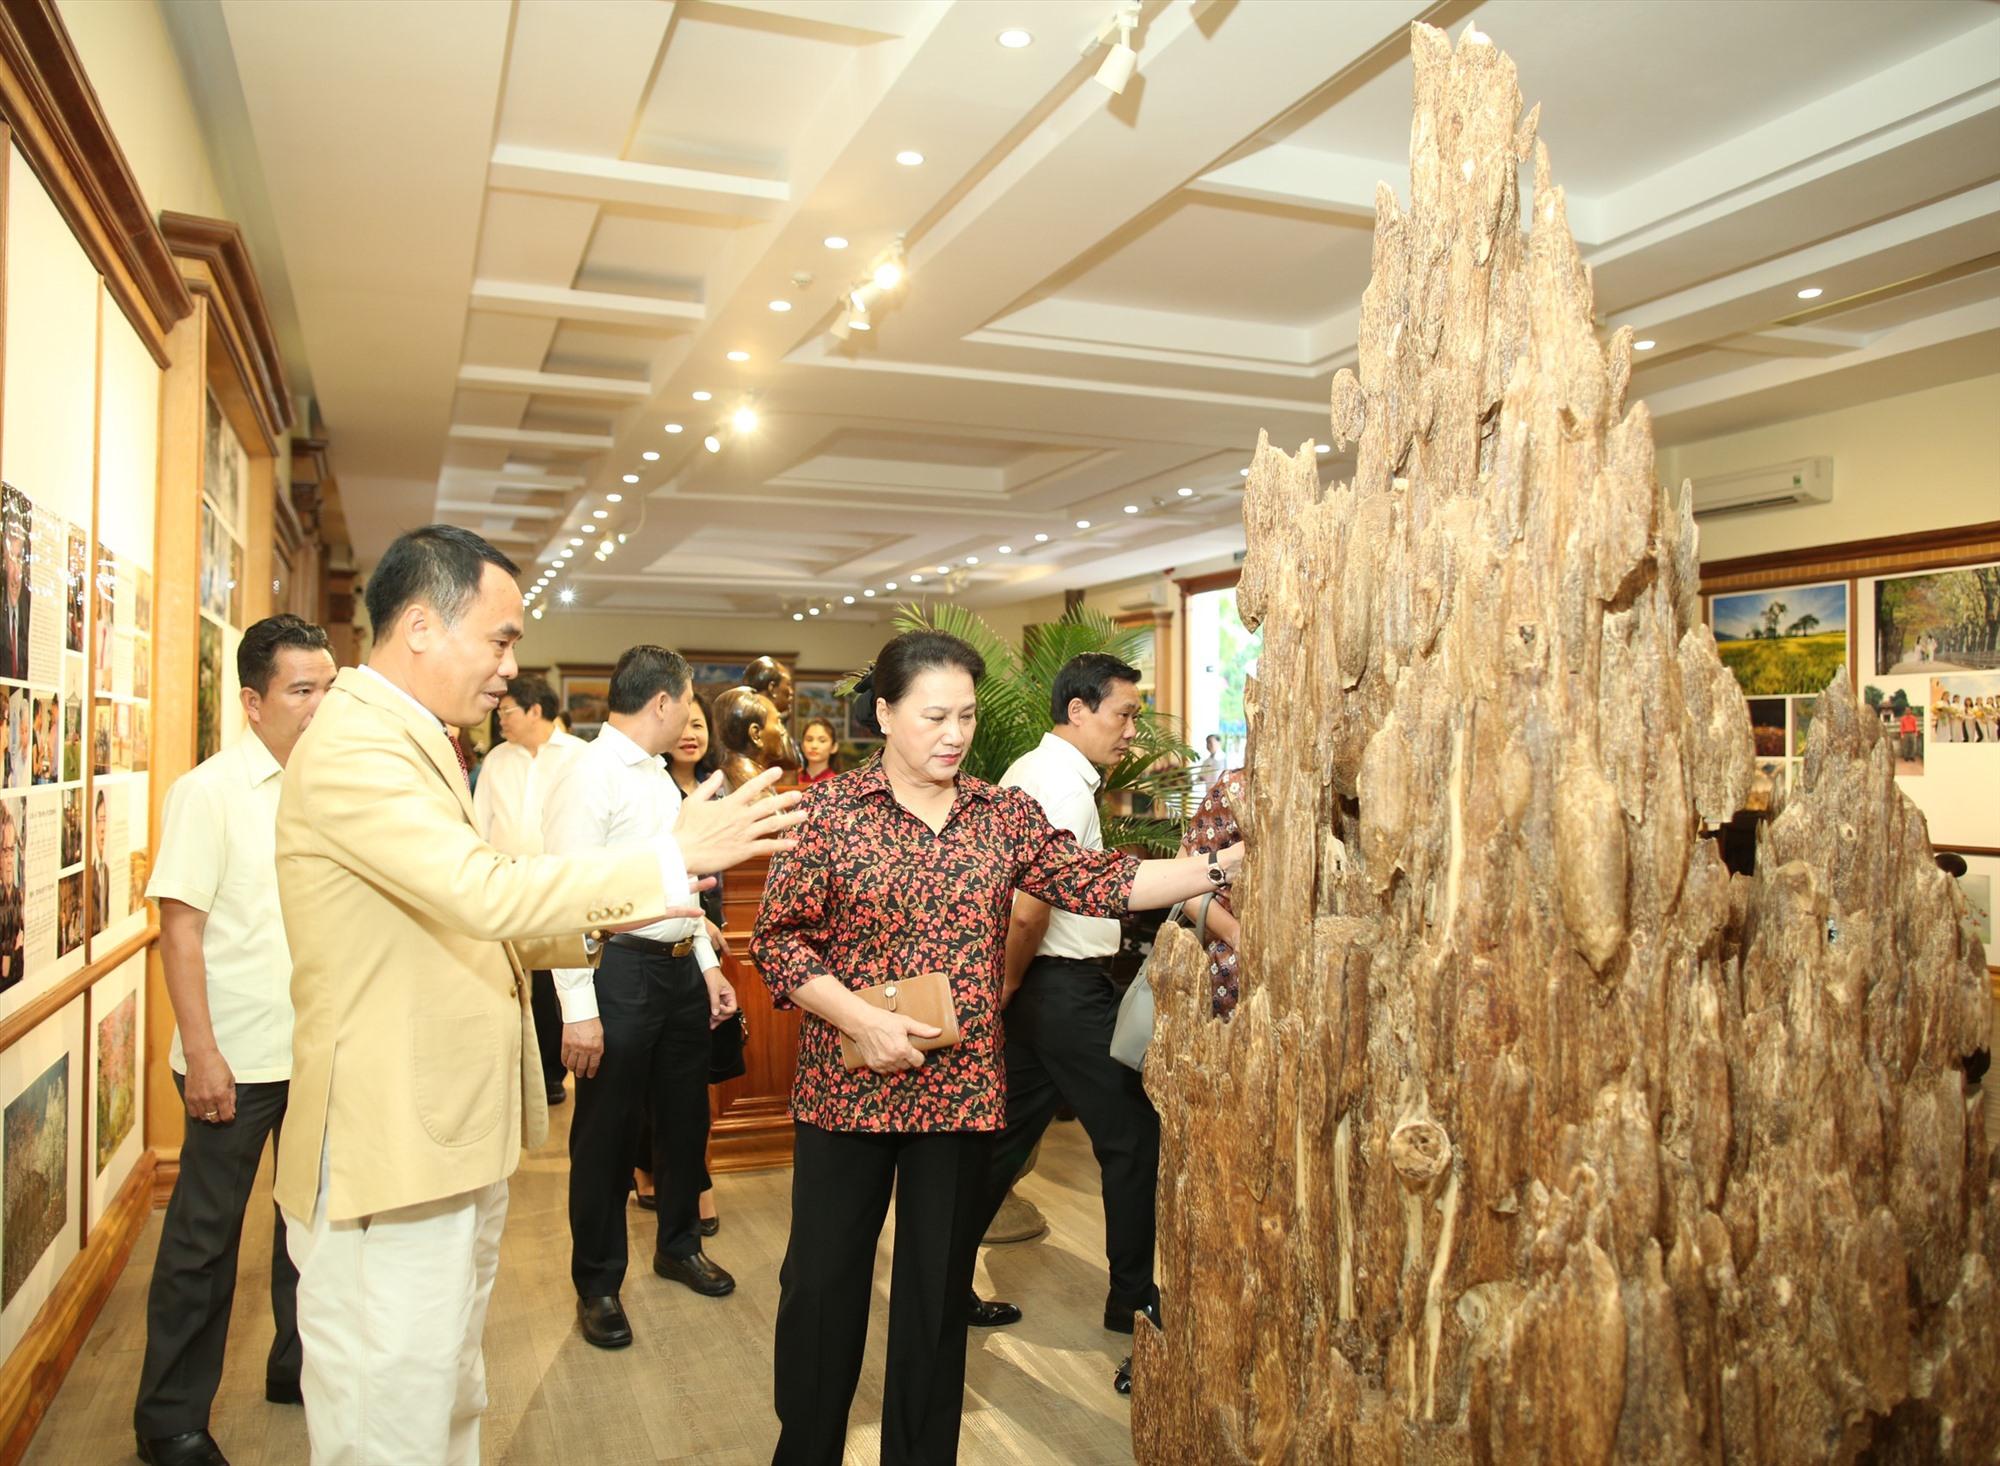 Nguyễn Văn Tưởng giới thiệu một khối trầm hương quý. Ảnh: TRẦN ĐĂNG